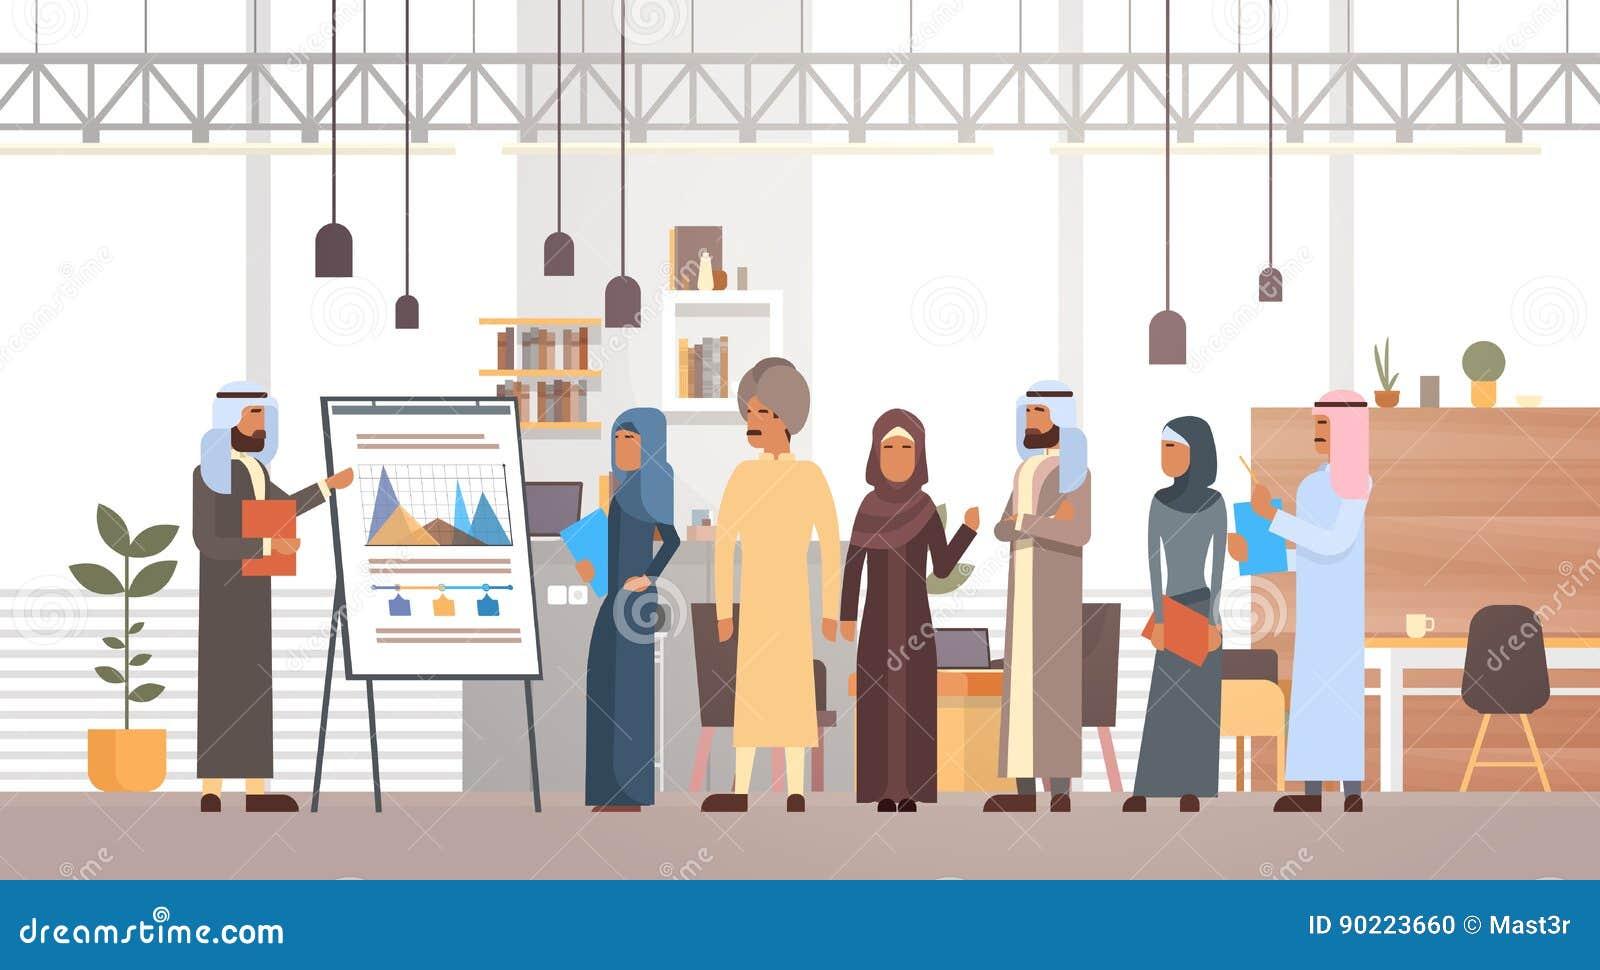 Arabisk presentation Flip Chart Finance, arabiska Businesspeople Team Training Conference Muslim för grupp för affärsfolk